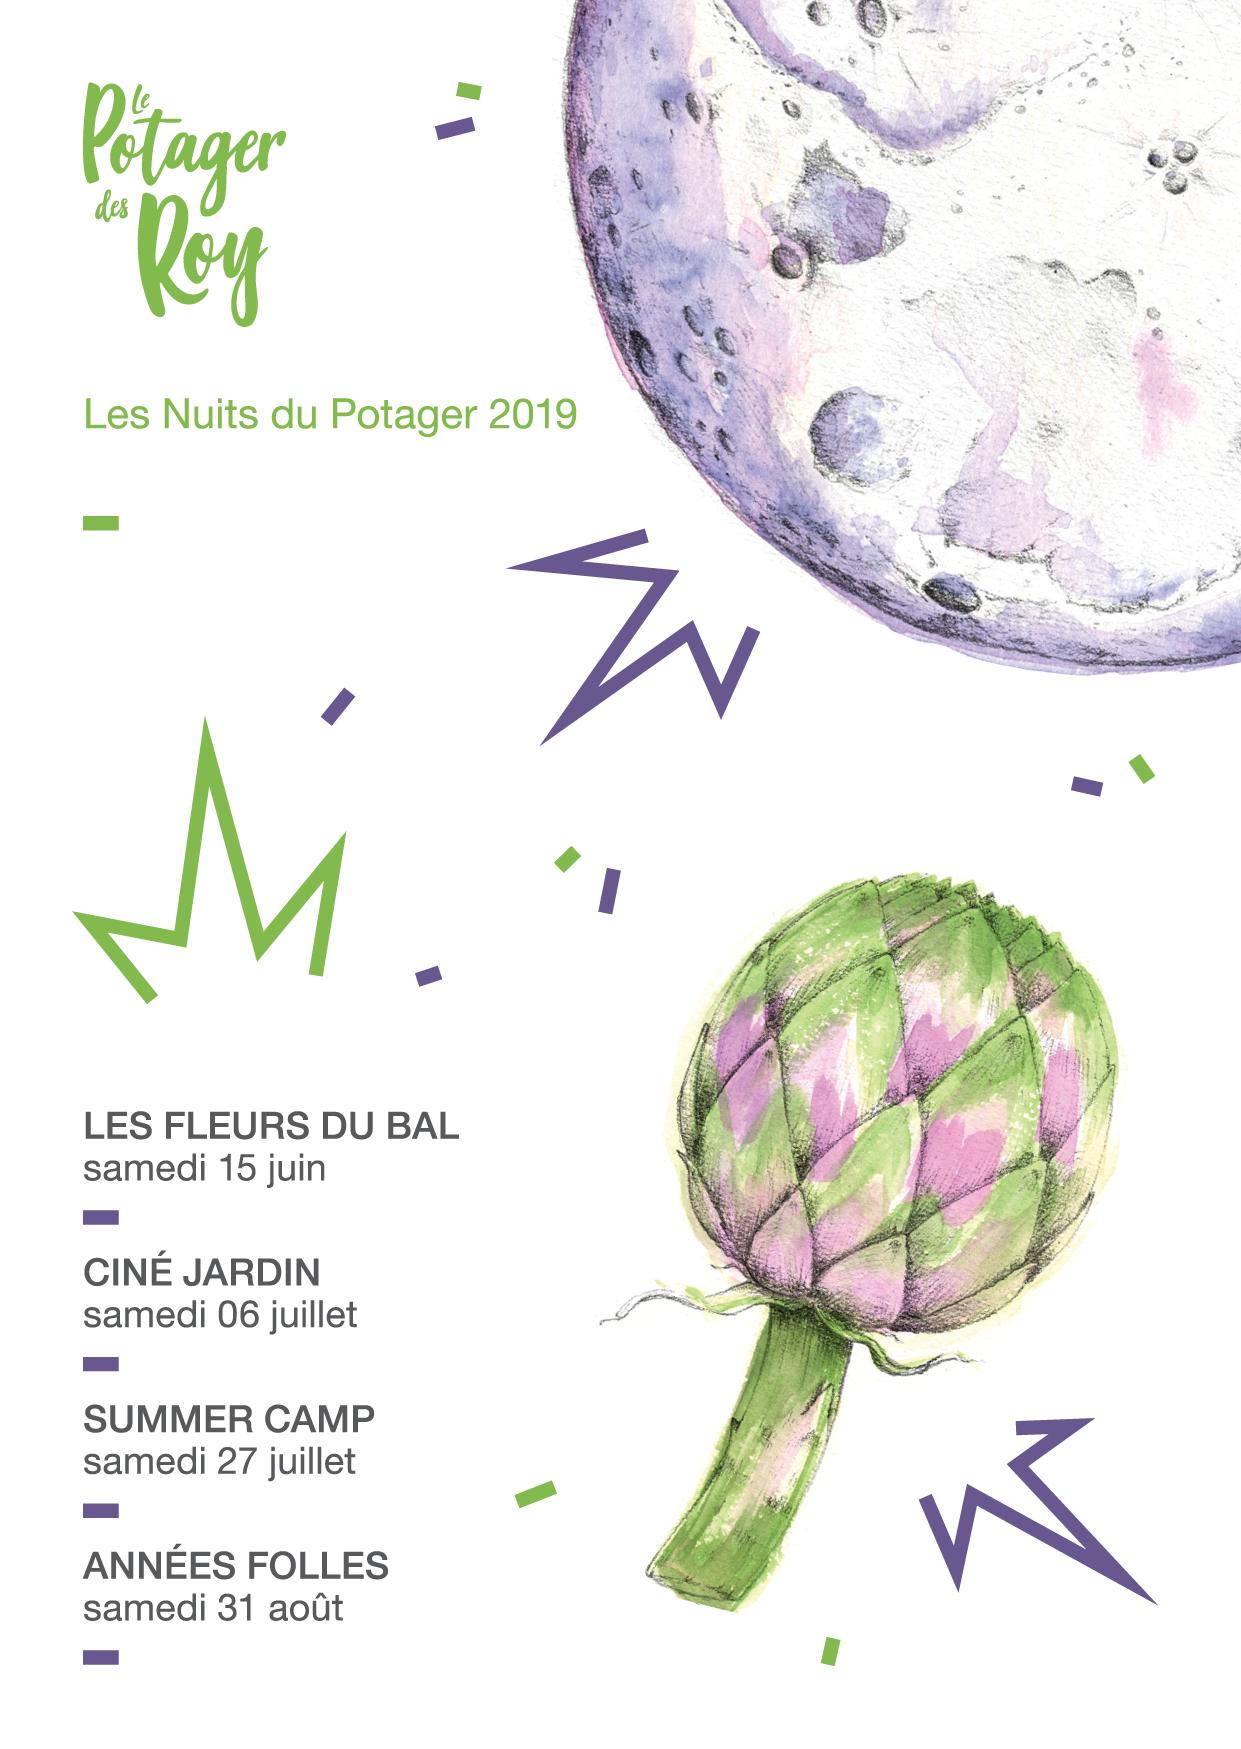 Carte postale - Les 4 Nuits LPDR 2019 - recto.png